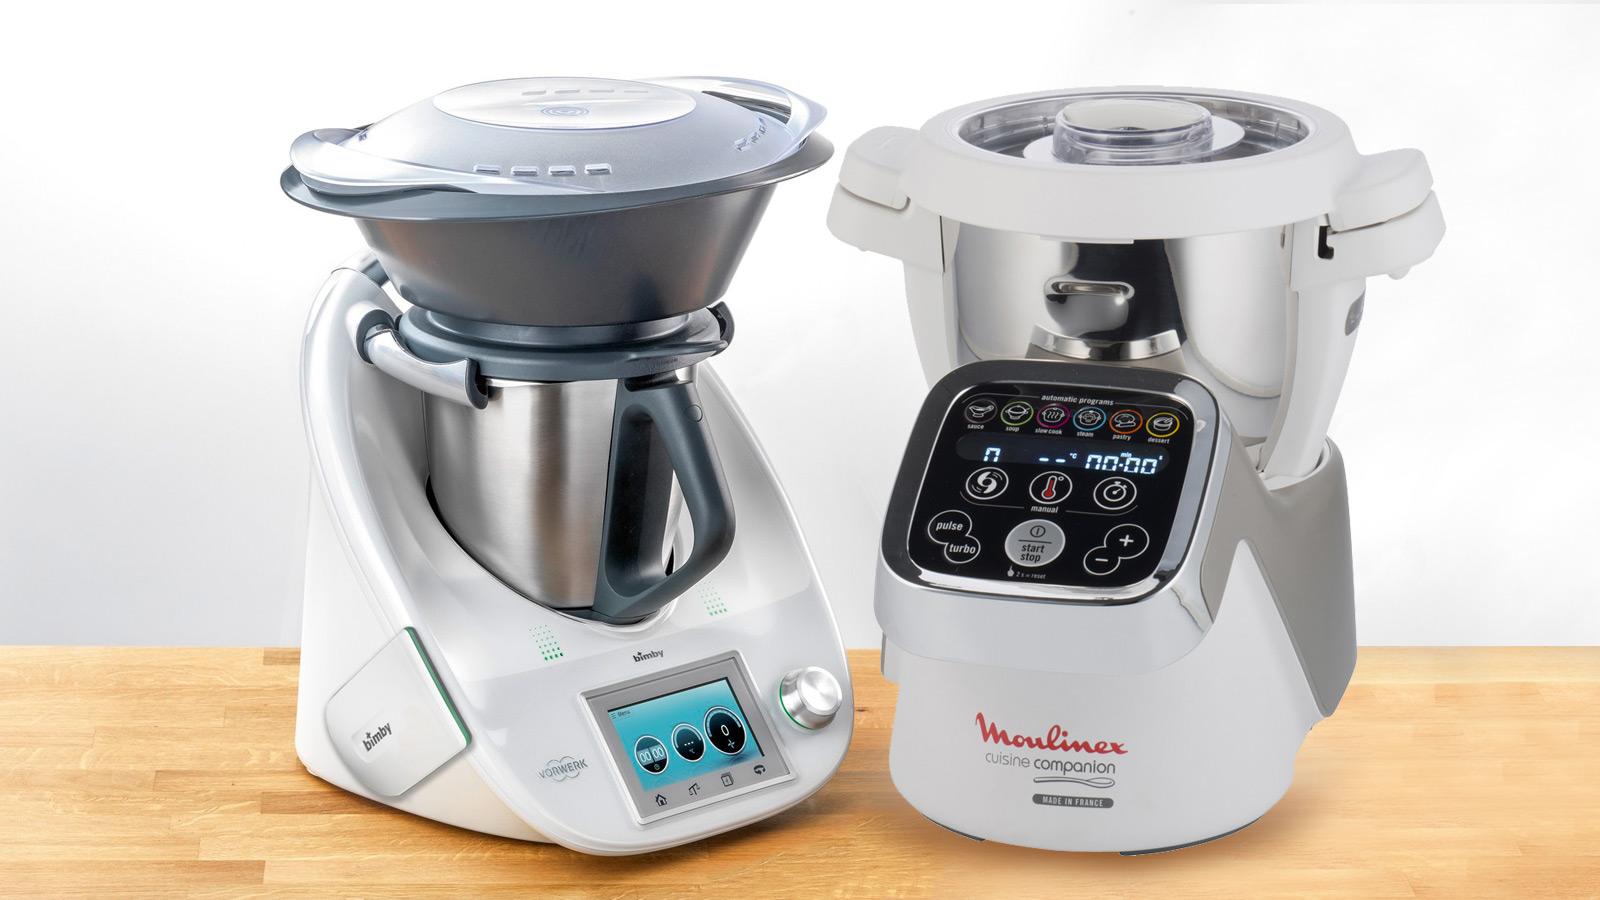 Moulinex i-companion ou Bimby TM5 com Cook key? Saiba qual destes robôs de cozinha proporciona maior interatividade.